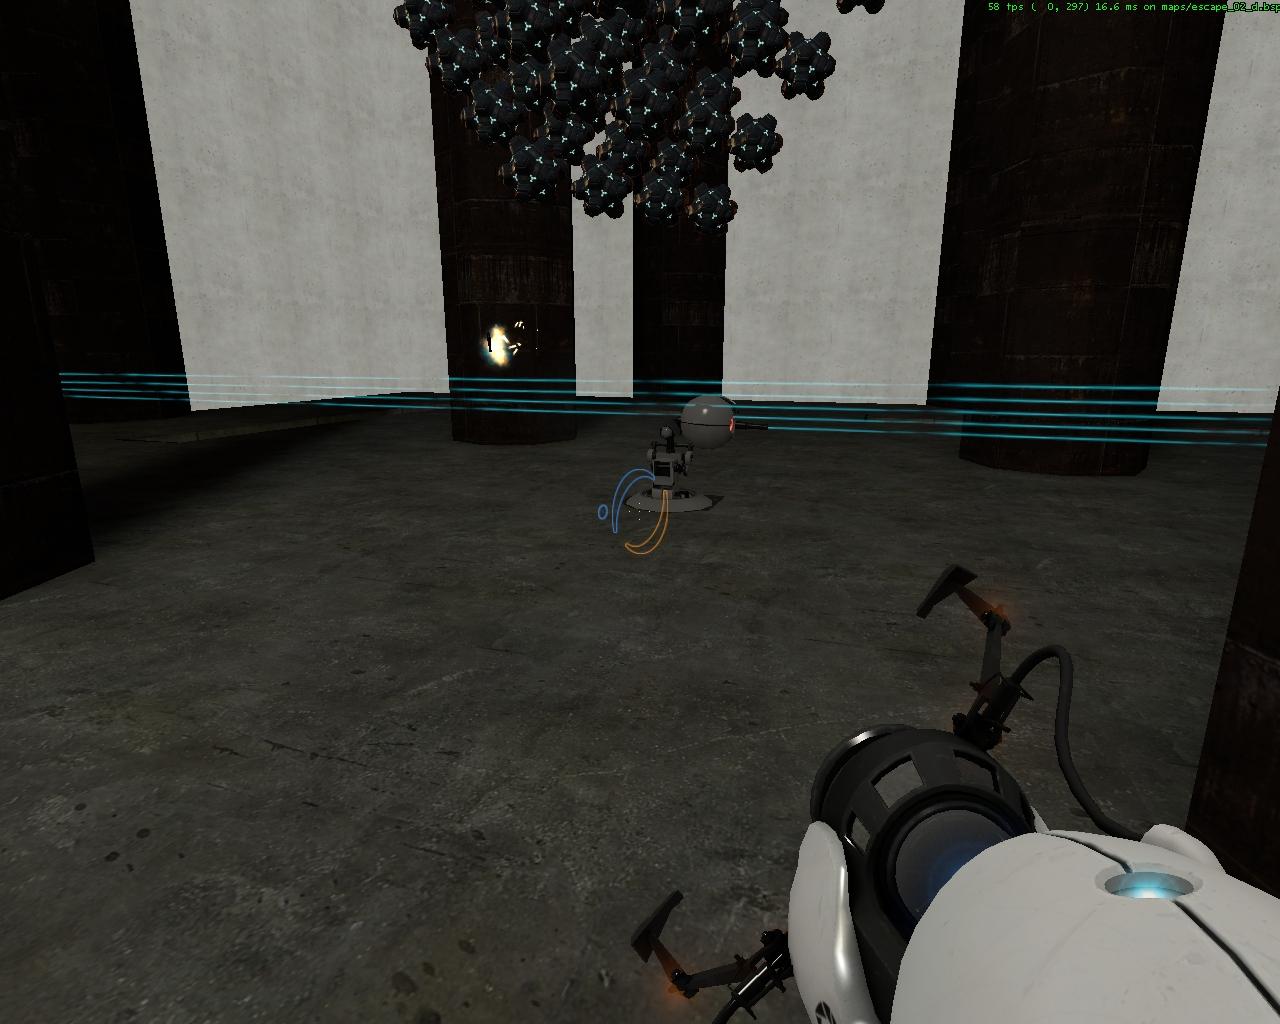 escape_02_d0042.jpg - Portal escape_02_d, Portal 2006, Portal Beta